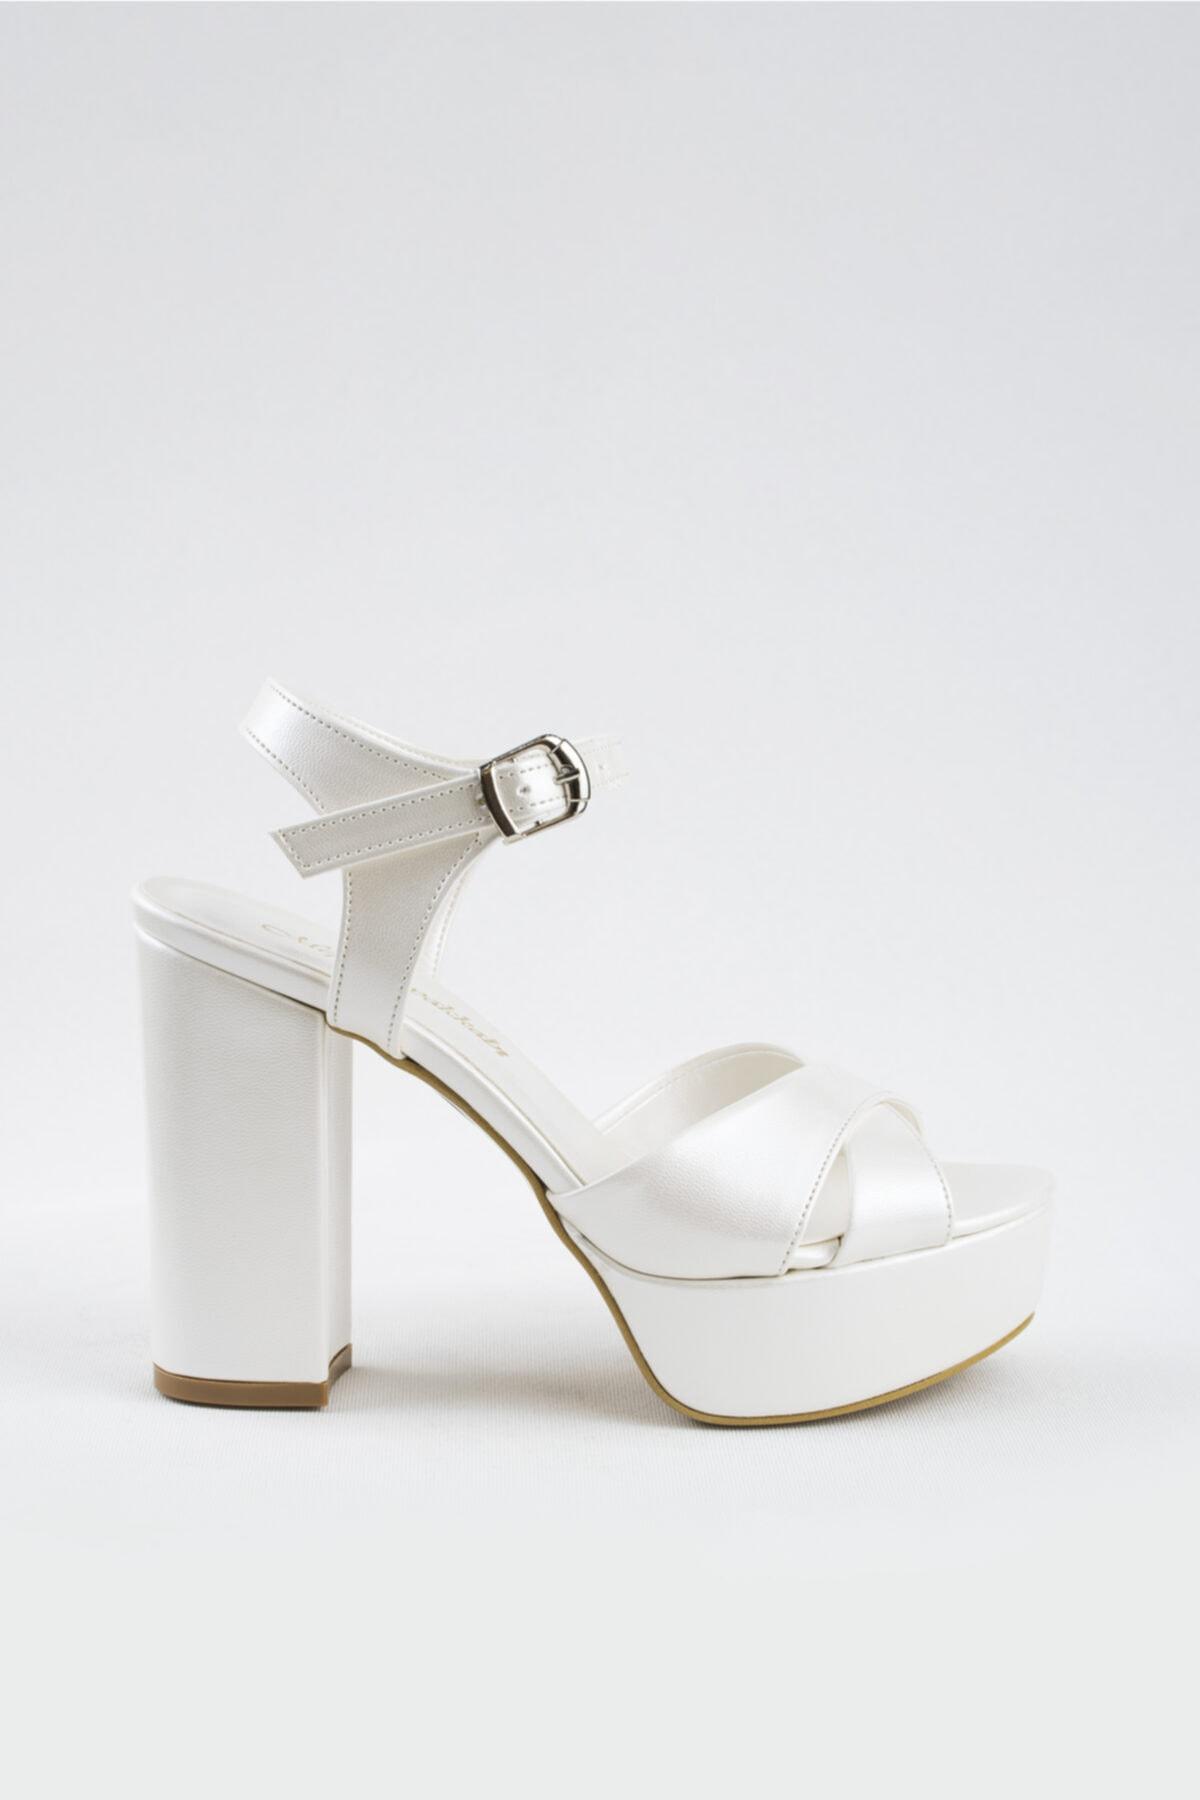 Kadın Kırık Beyaz 12cm Sedef Deri Gelin Ayakkabısı